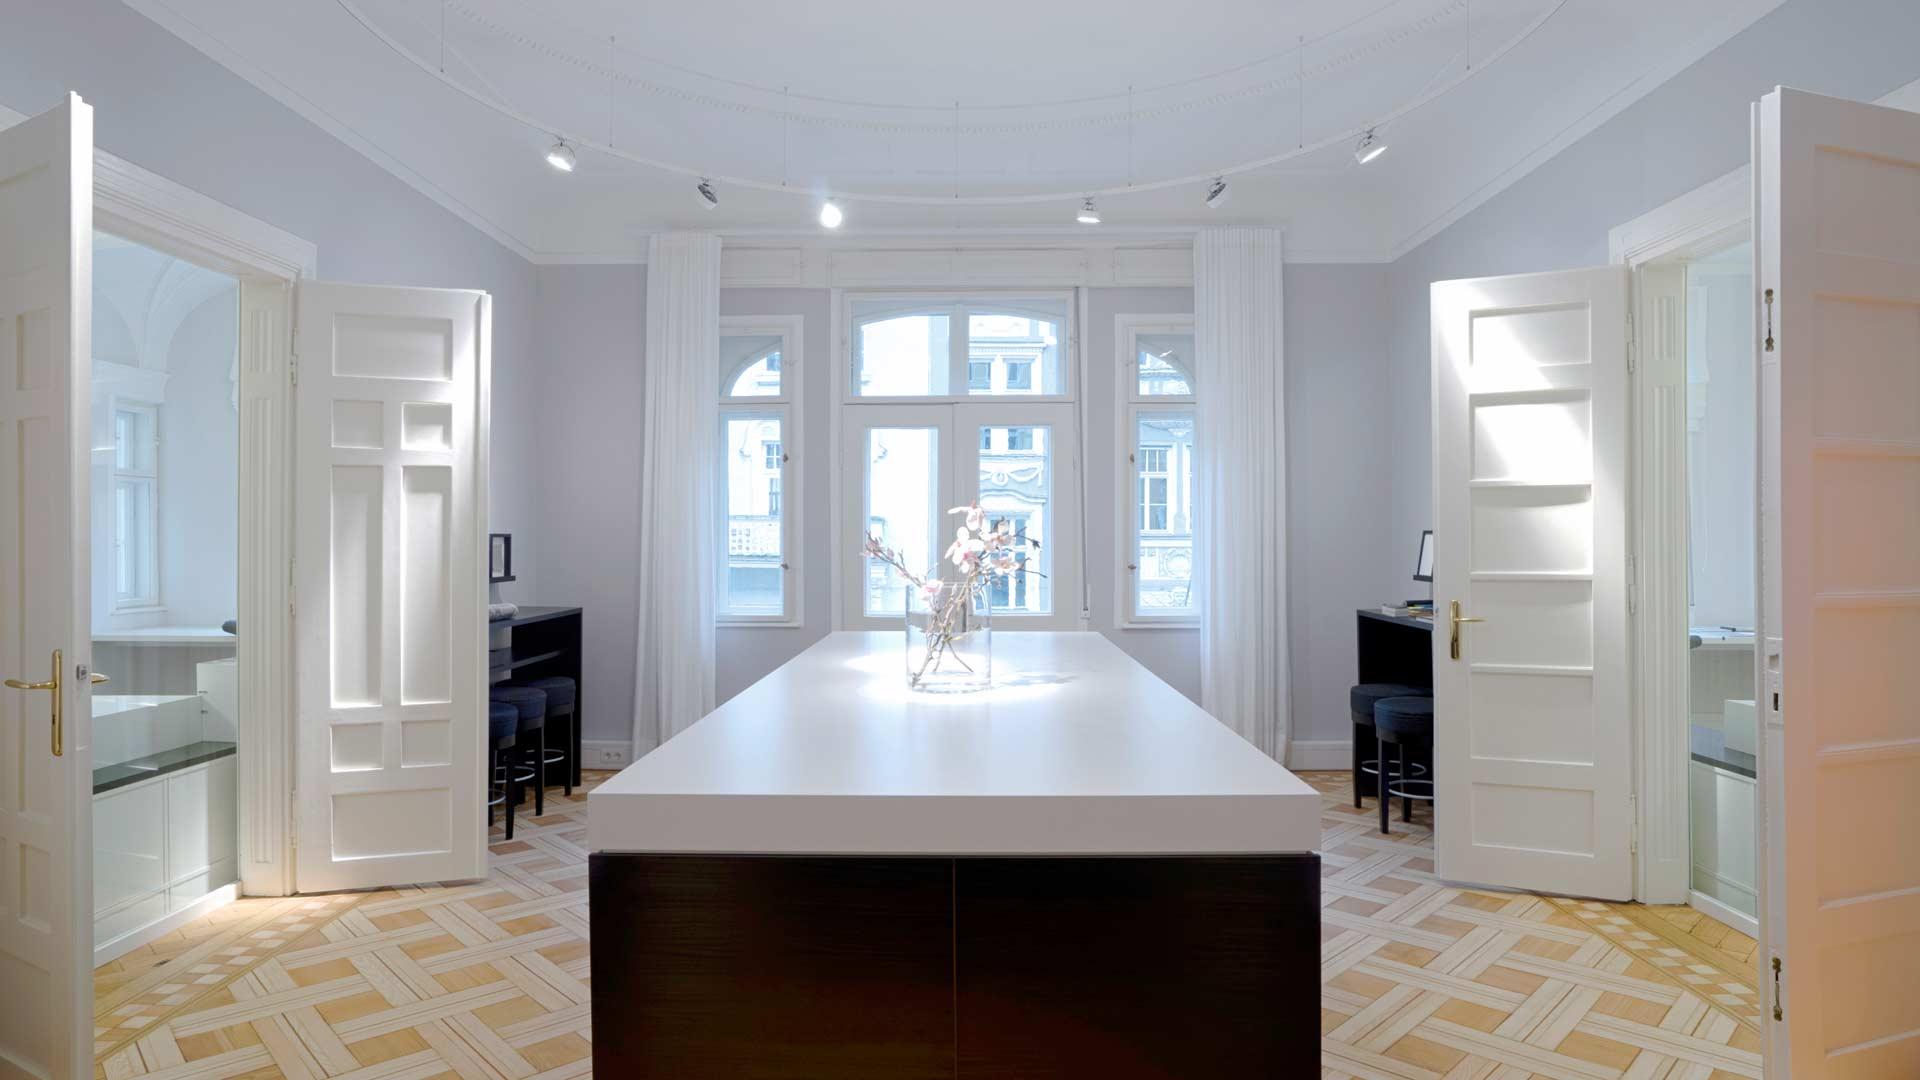 Unser Atelier ... Gabriela Raible Innenarchitekten München - interior architecture munich